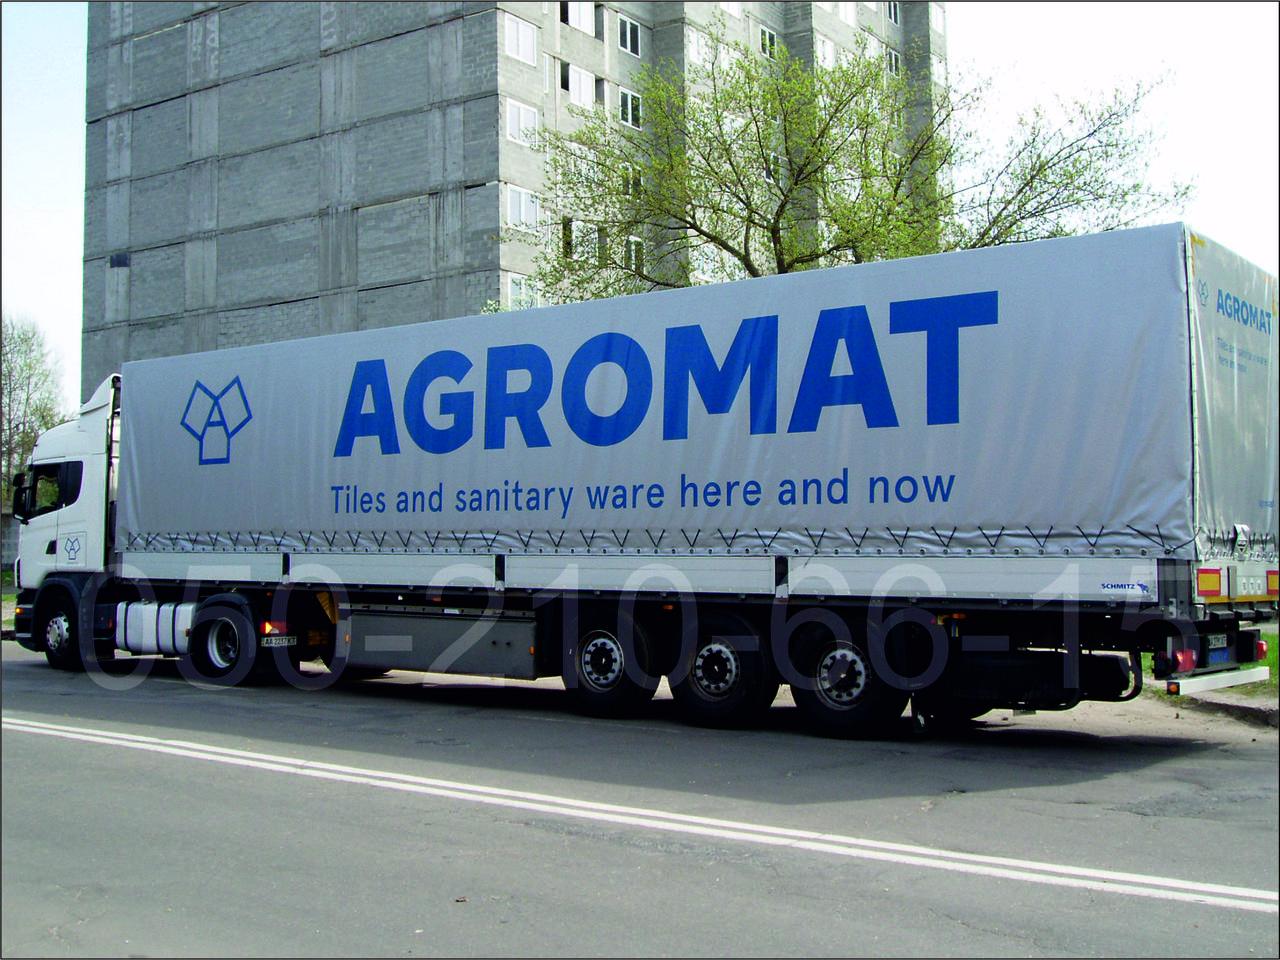 Трафаретний друк на тенті, реклама на авто, брендування тенту автомобіля, реклама повнокольорова на автомобіль